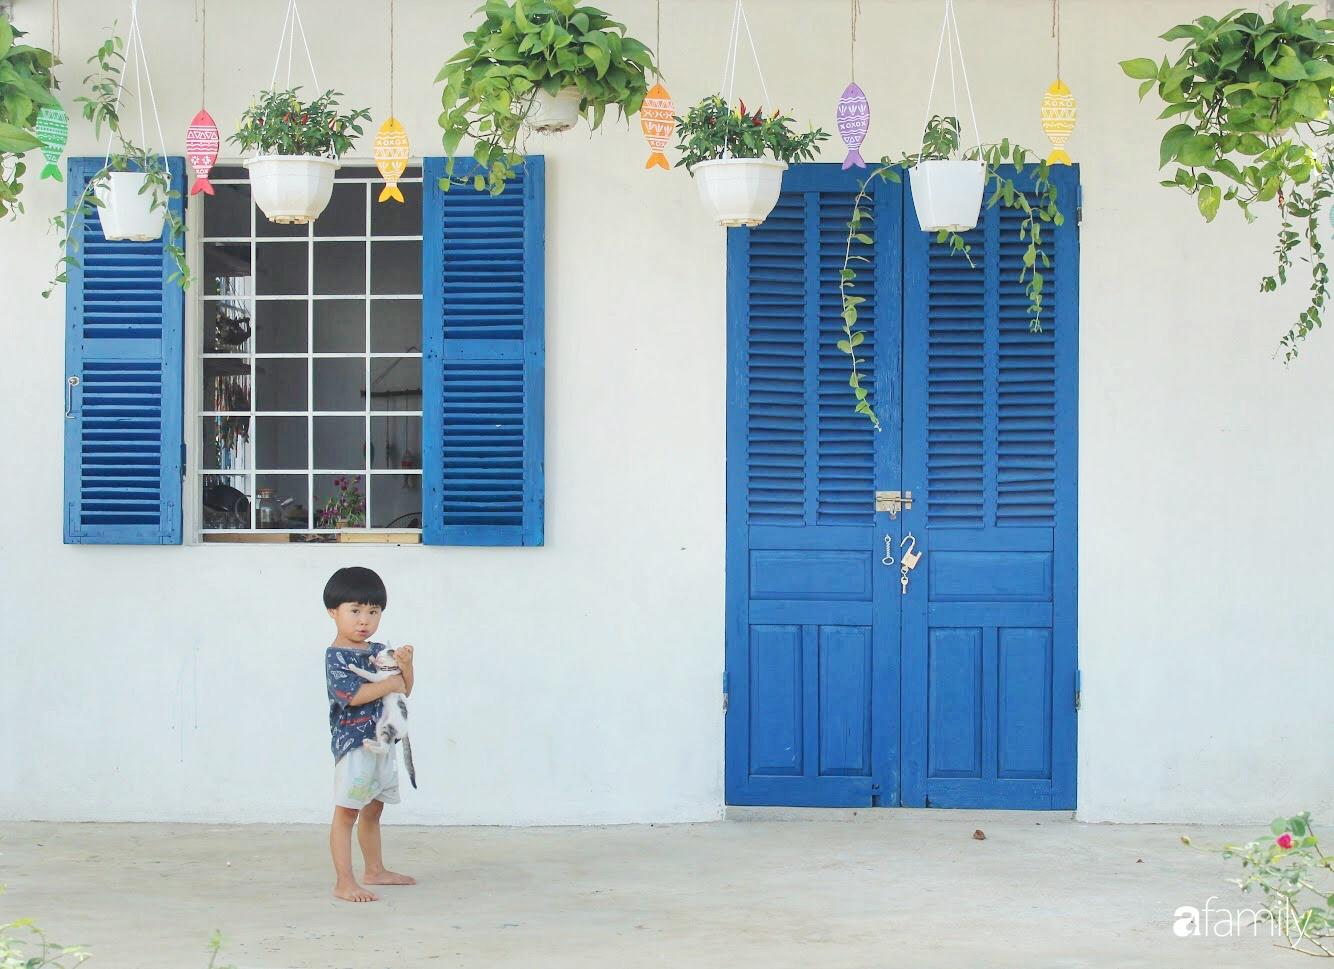 Yêu thích sự tự do và cuộc sống yên bình, nữ designer nghỉ việc về quê xây ngôi nhà hạnh phúc - Ảnh 9.